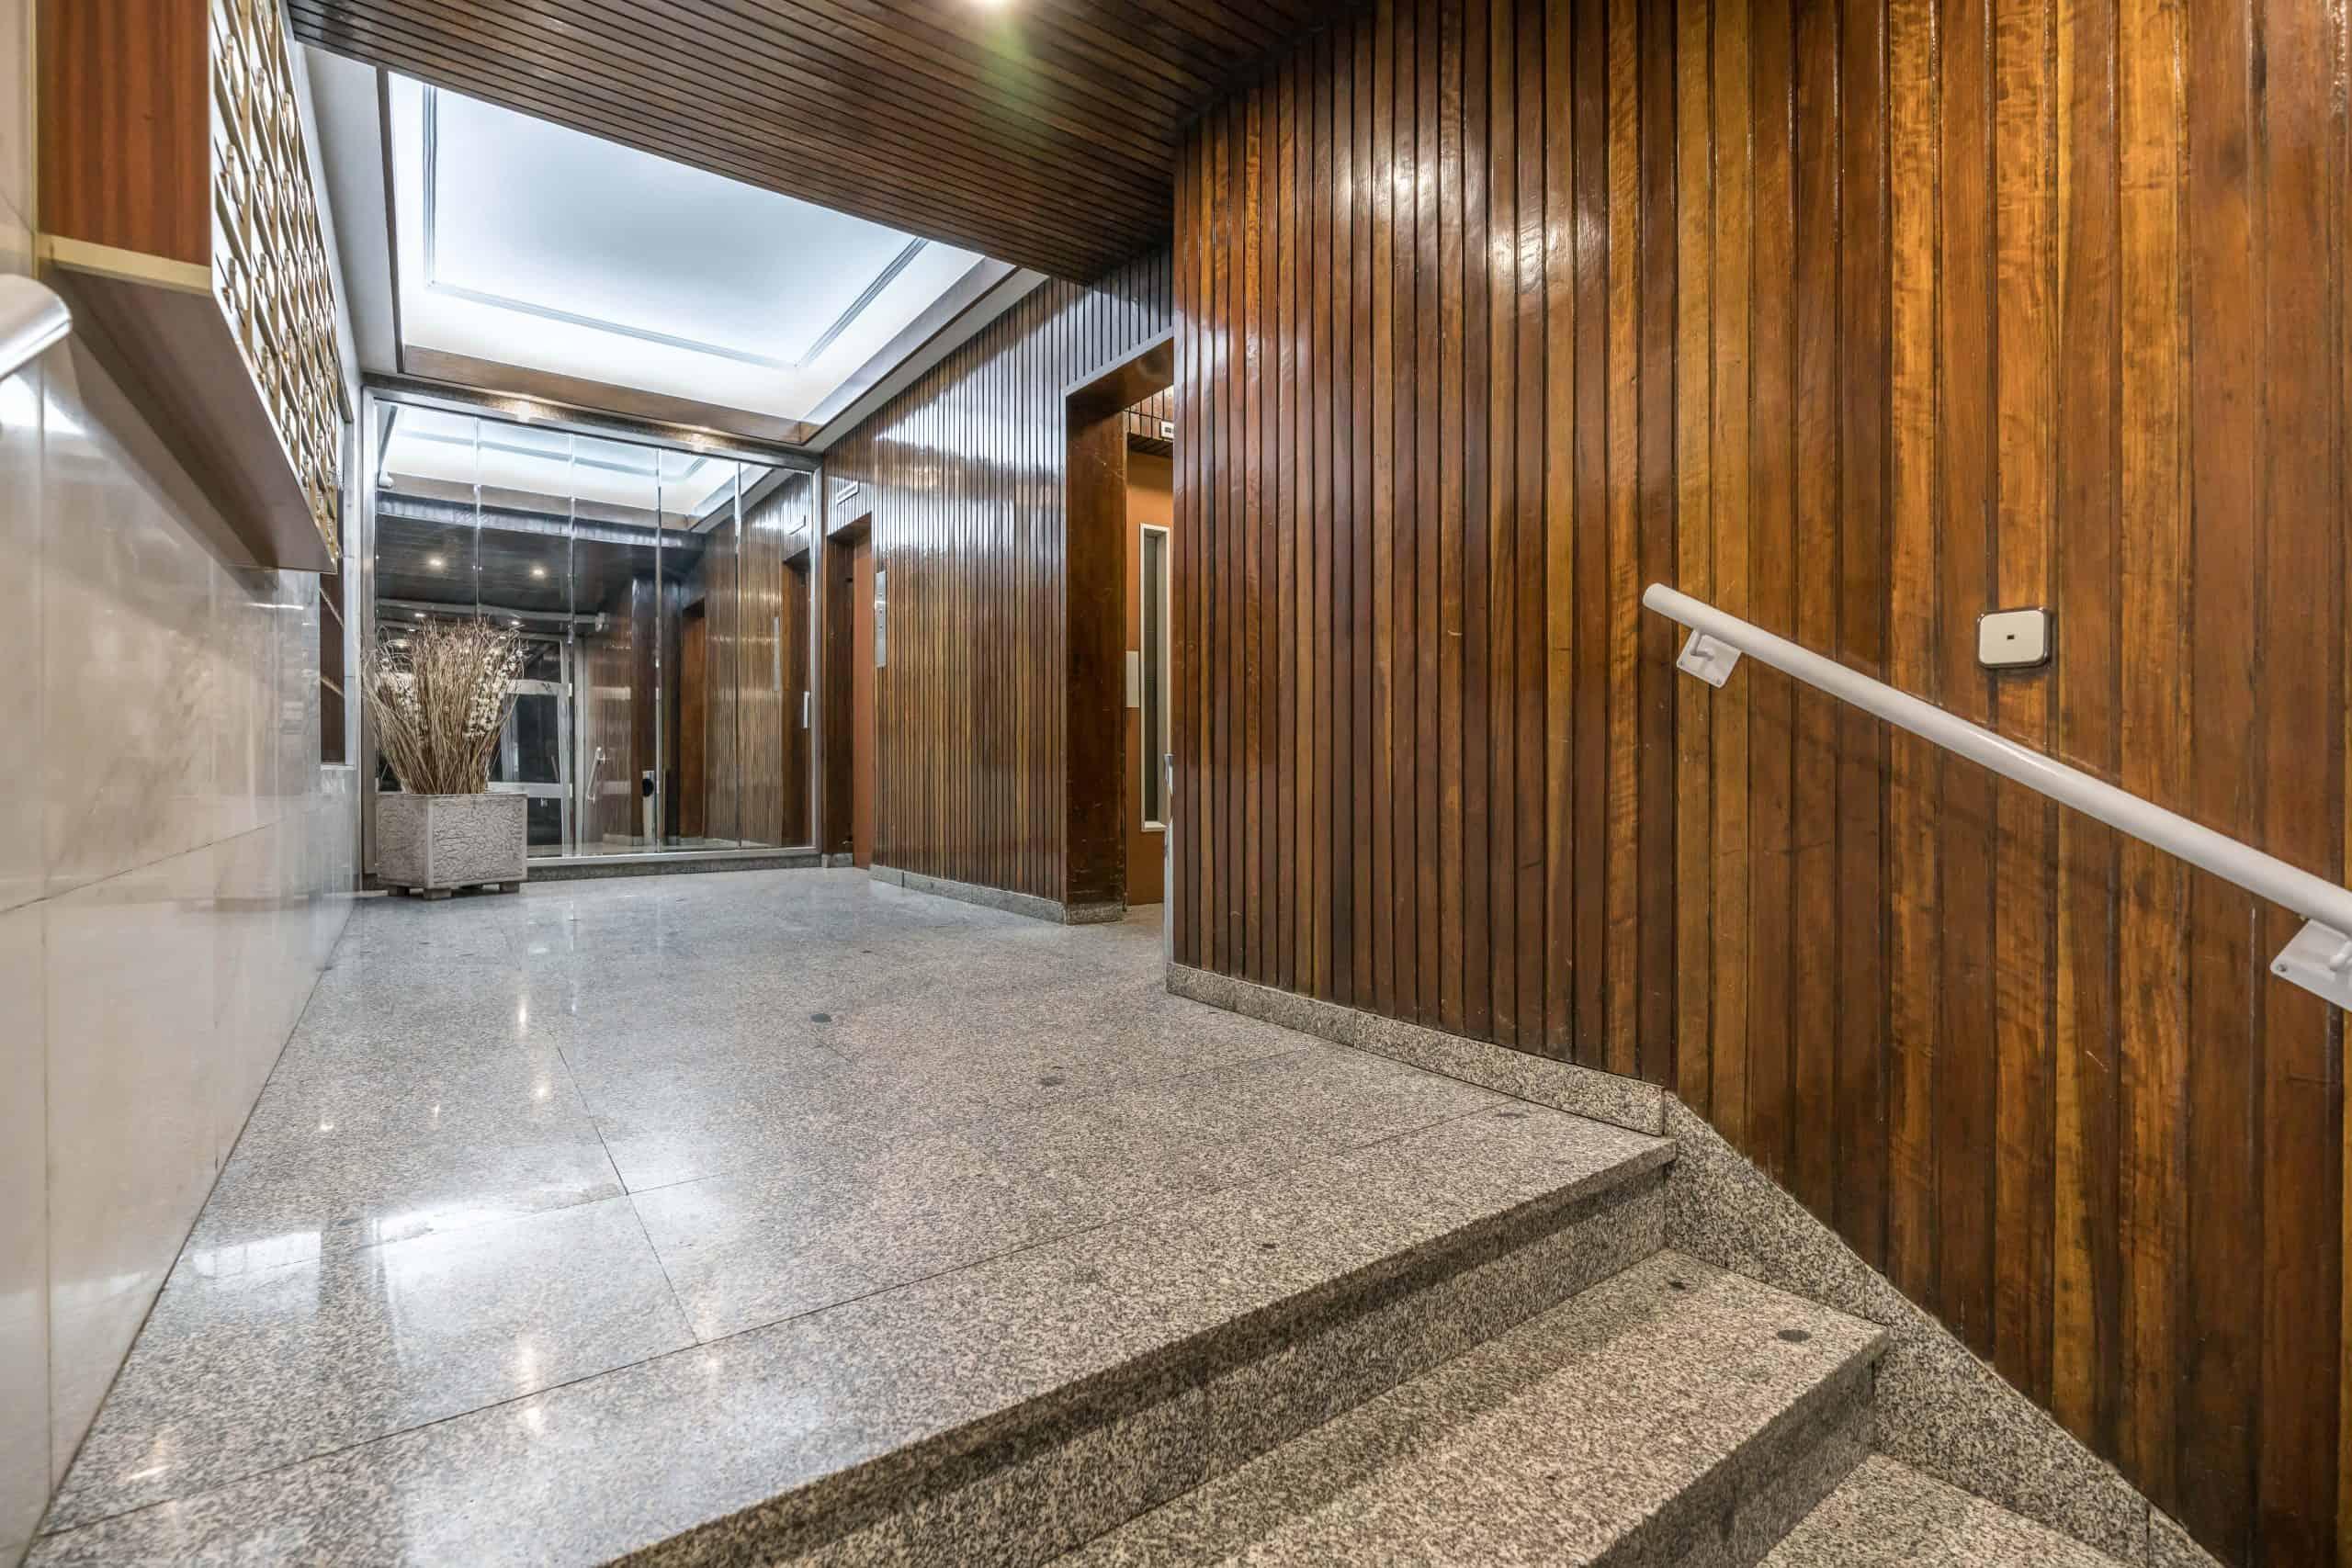 Agencia Inmobiliaria de Madrid-FUTUROCASA-Zona ARGANZUELA-EMBAJADORES-LEGAZPI -calle EMBAJADORES 108-DORMITORIO1 (3)ZONAS COMUNES (2)